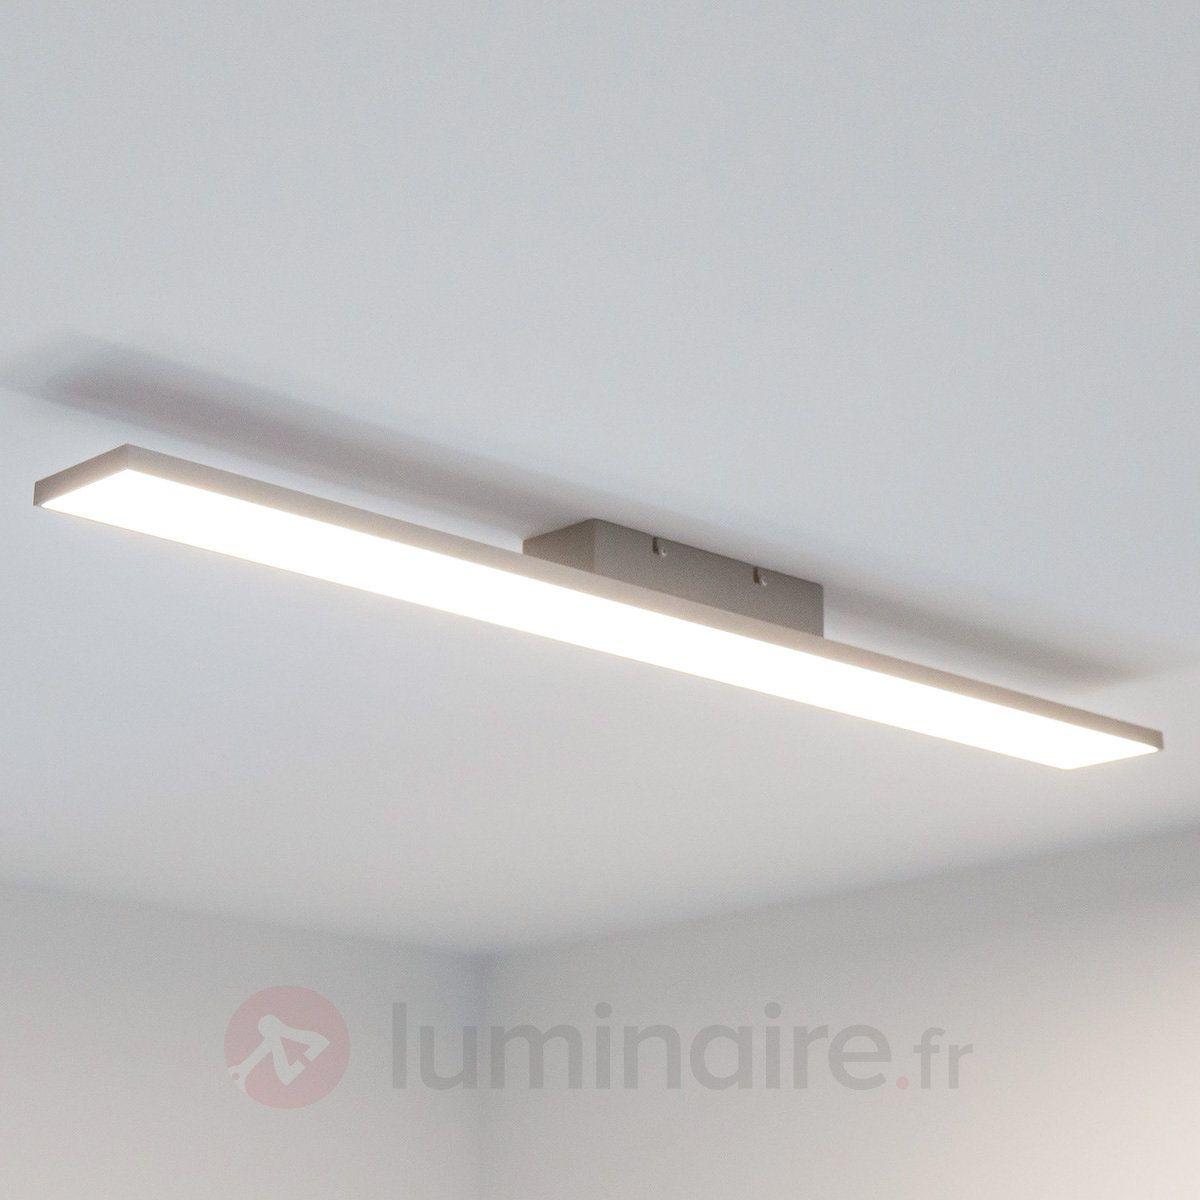 Eclairage Cuisine Led Plafond plafonnier à panneau led oblong rory, 100 cm | luminaire